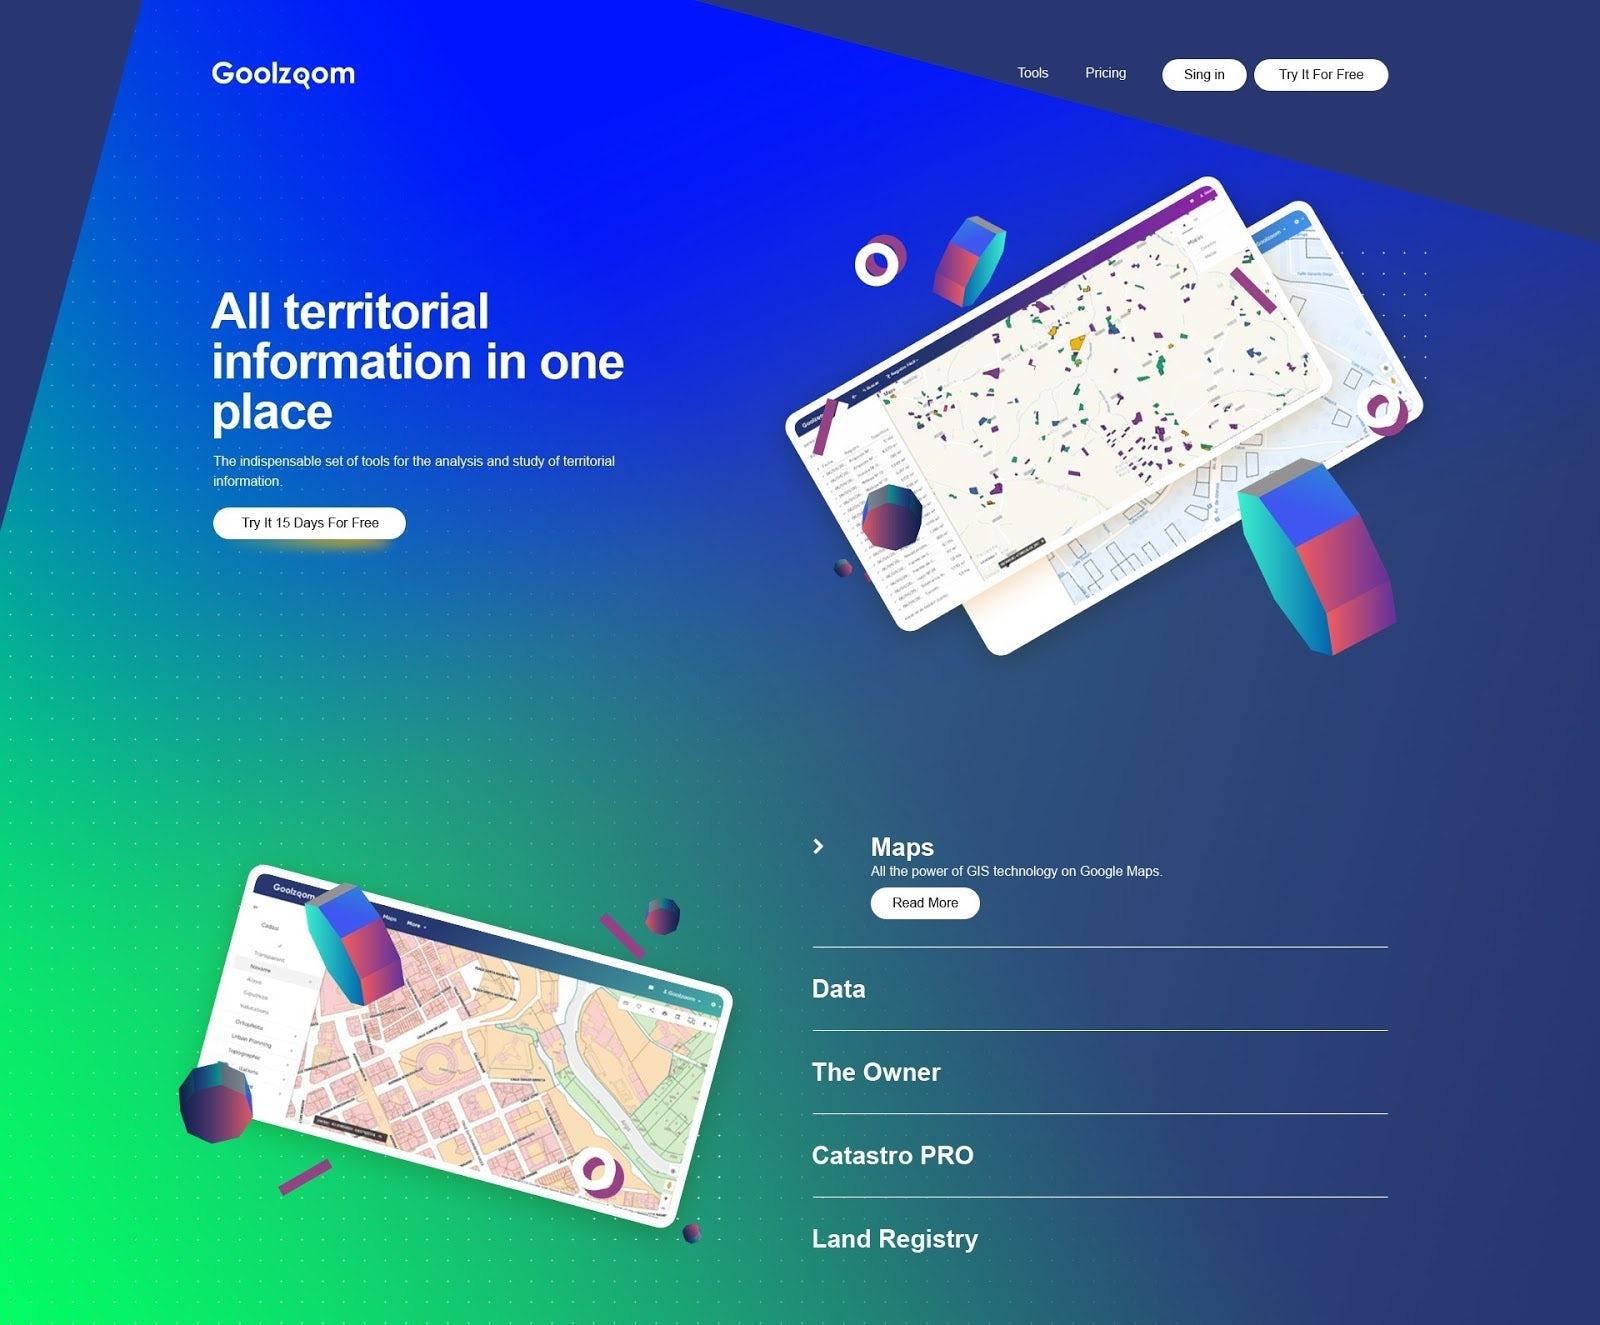 Thiết kế landing page đẹp